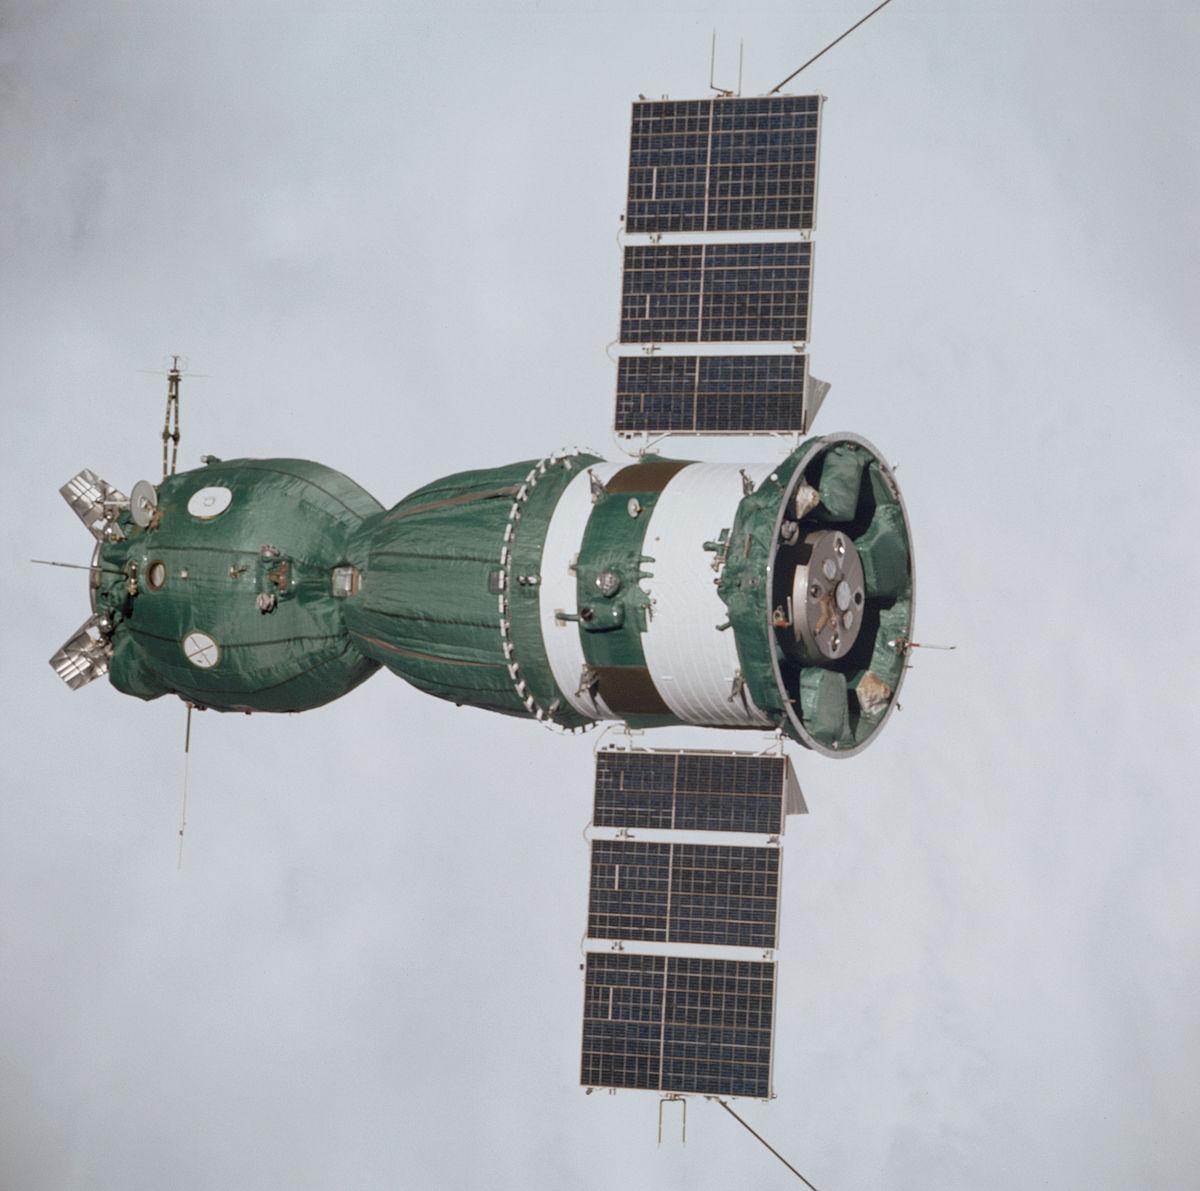 russian spacecraft soyuz - photo #4